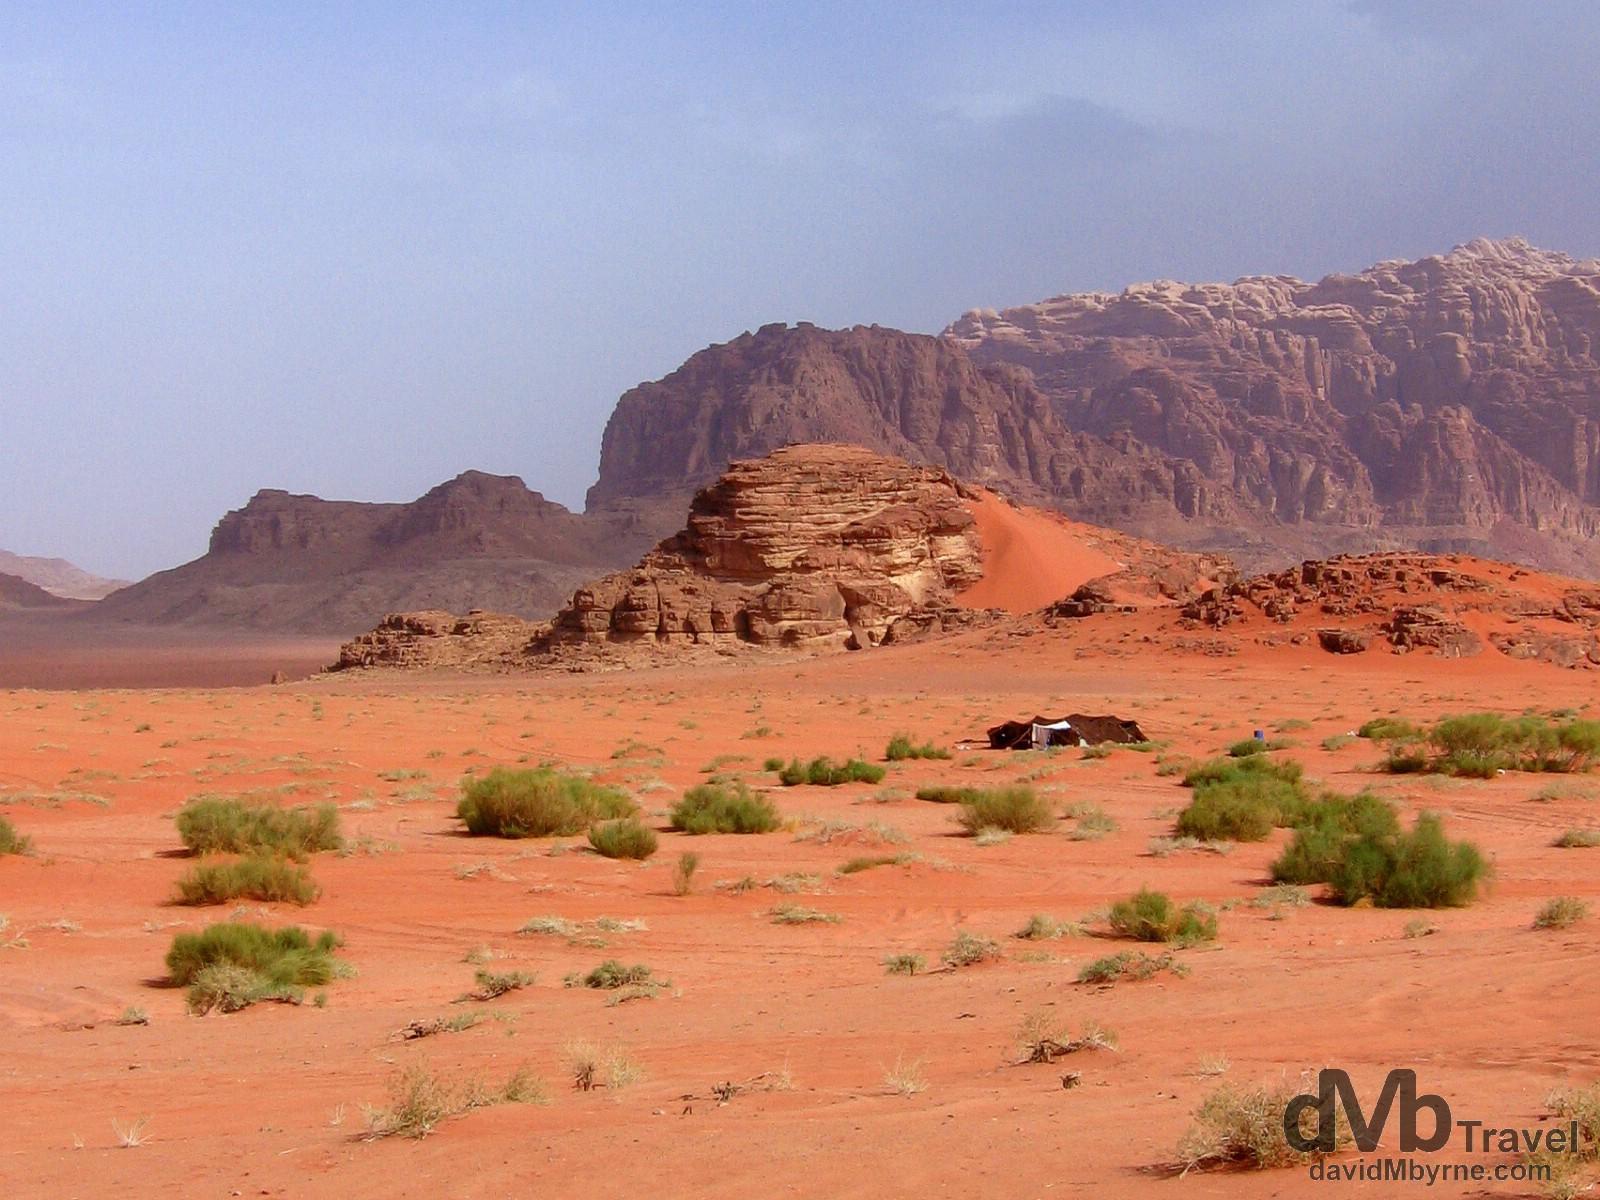 Wadi Rum, Jordan. April 26, 2008.